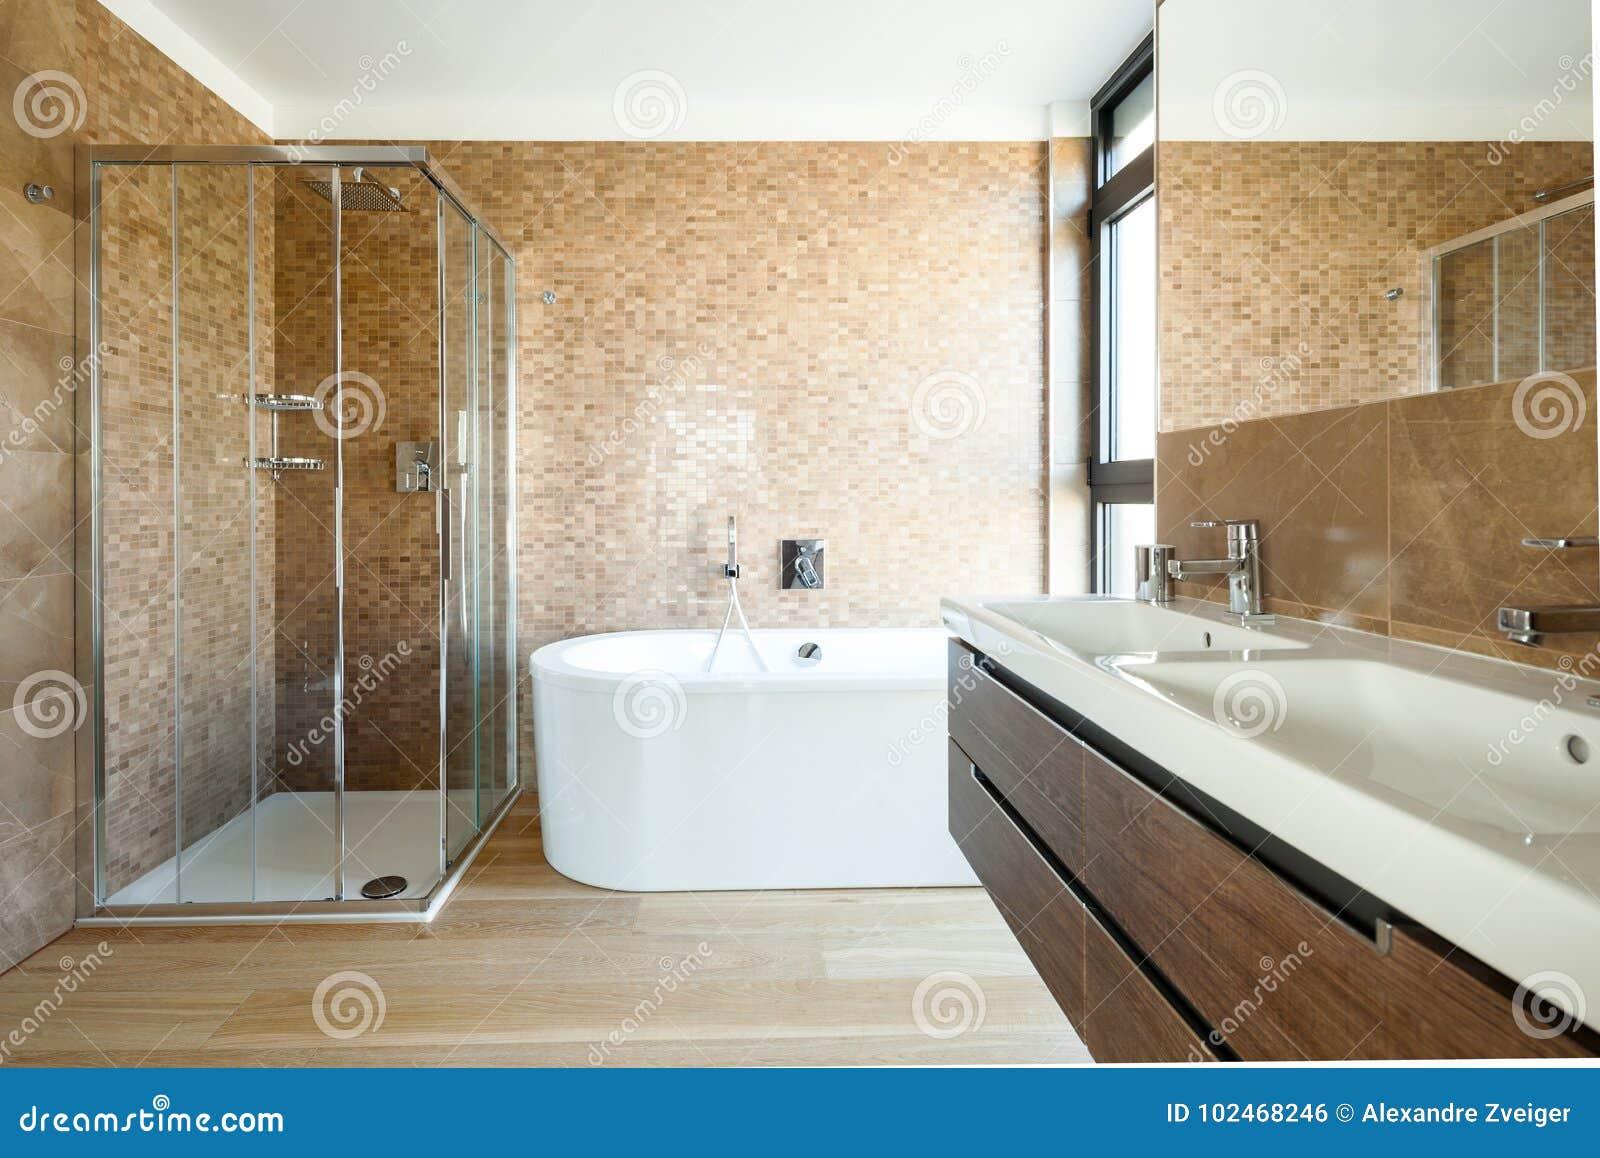 Salle De Bains De Luxe Dans Une Maison Moderne Photo stock ...